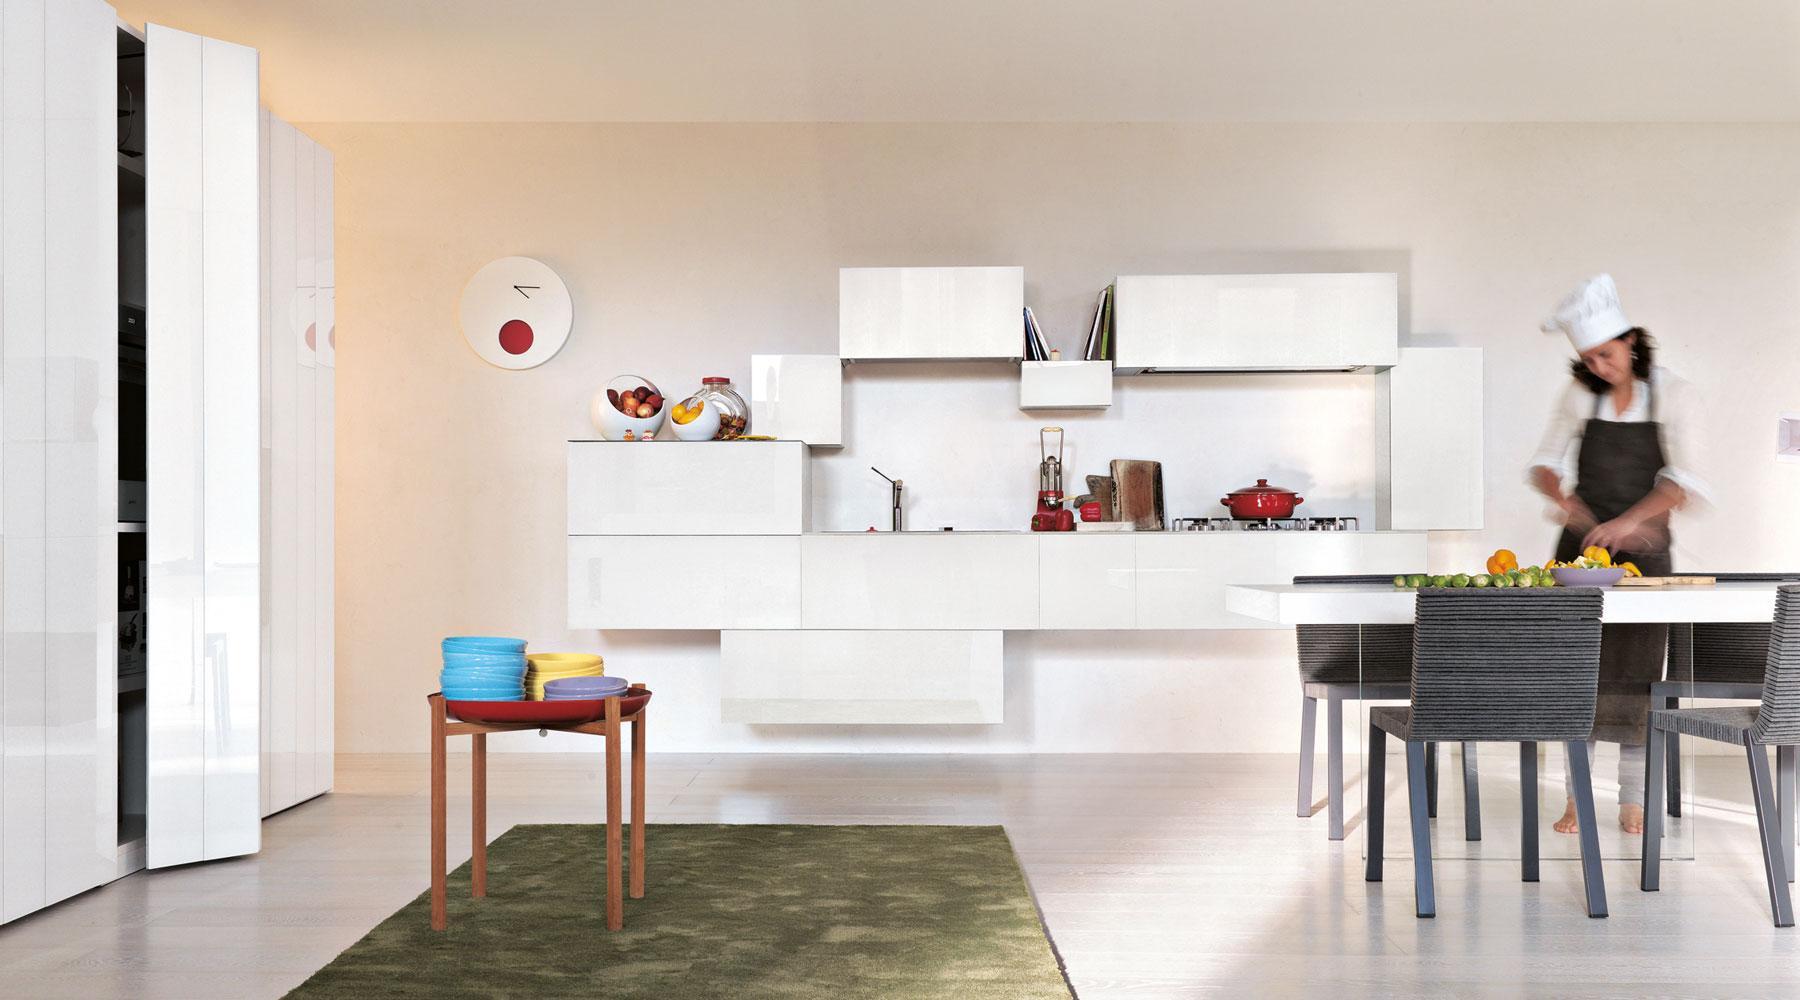 Delfanti arredamenti cucina 36e8 for Lago 36e8 catalogo pdf